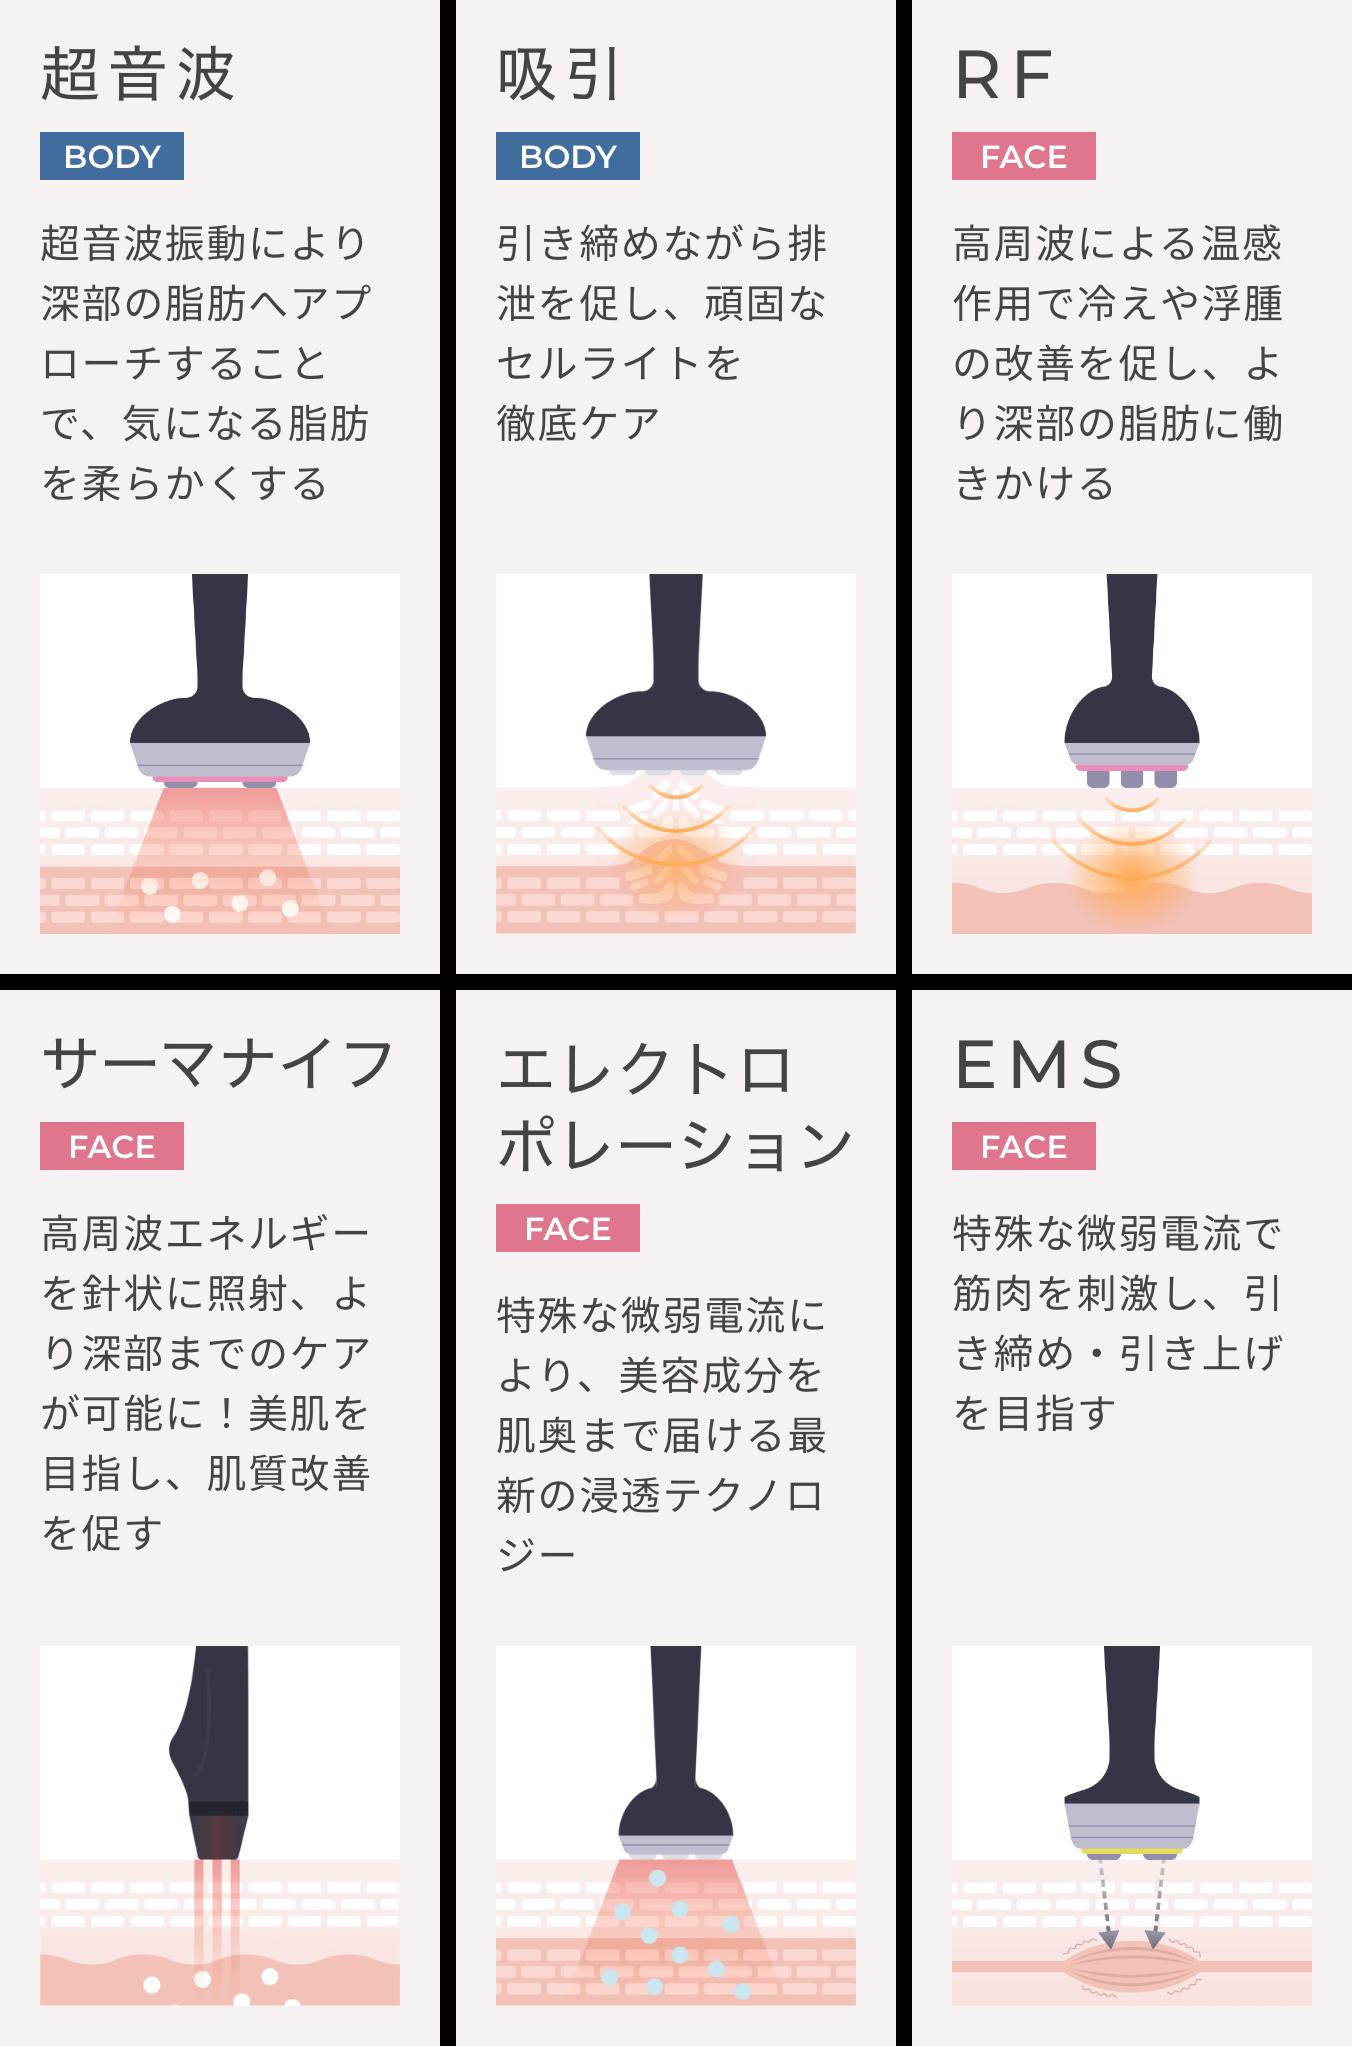 ハンドピース 超音波 EMS RF